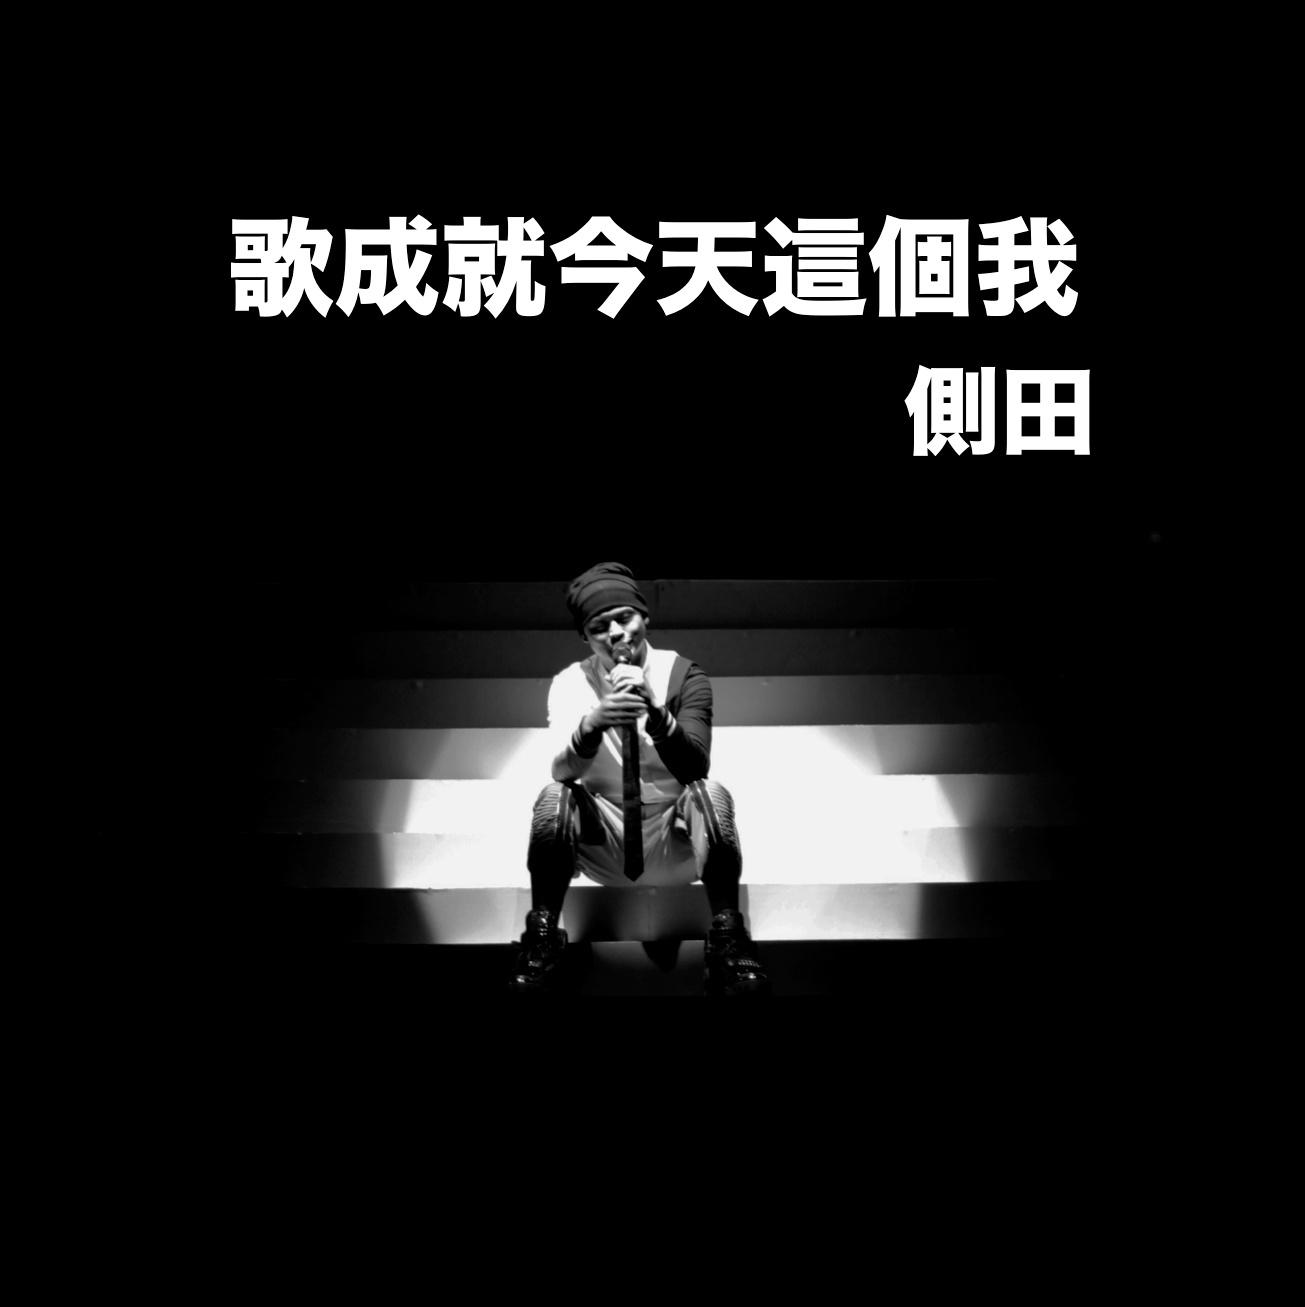 侧田《歌成就今天这个我》单曲试听